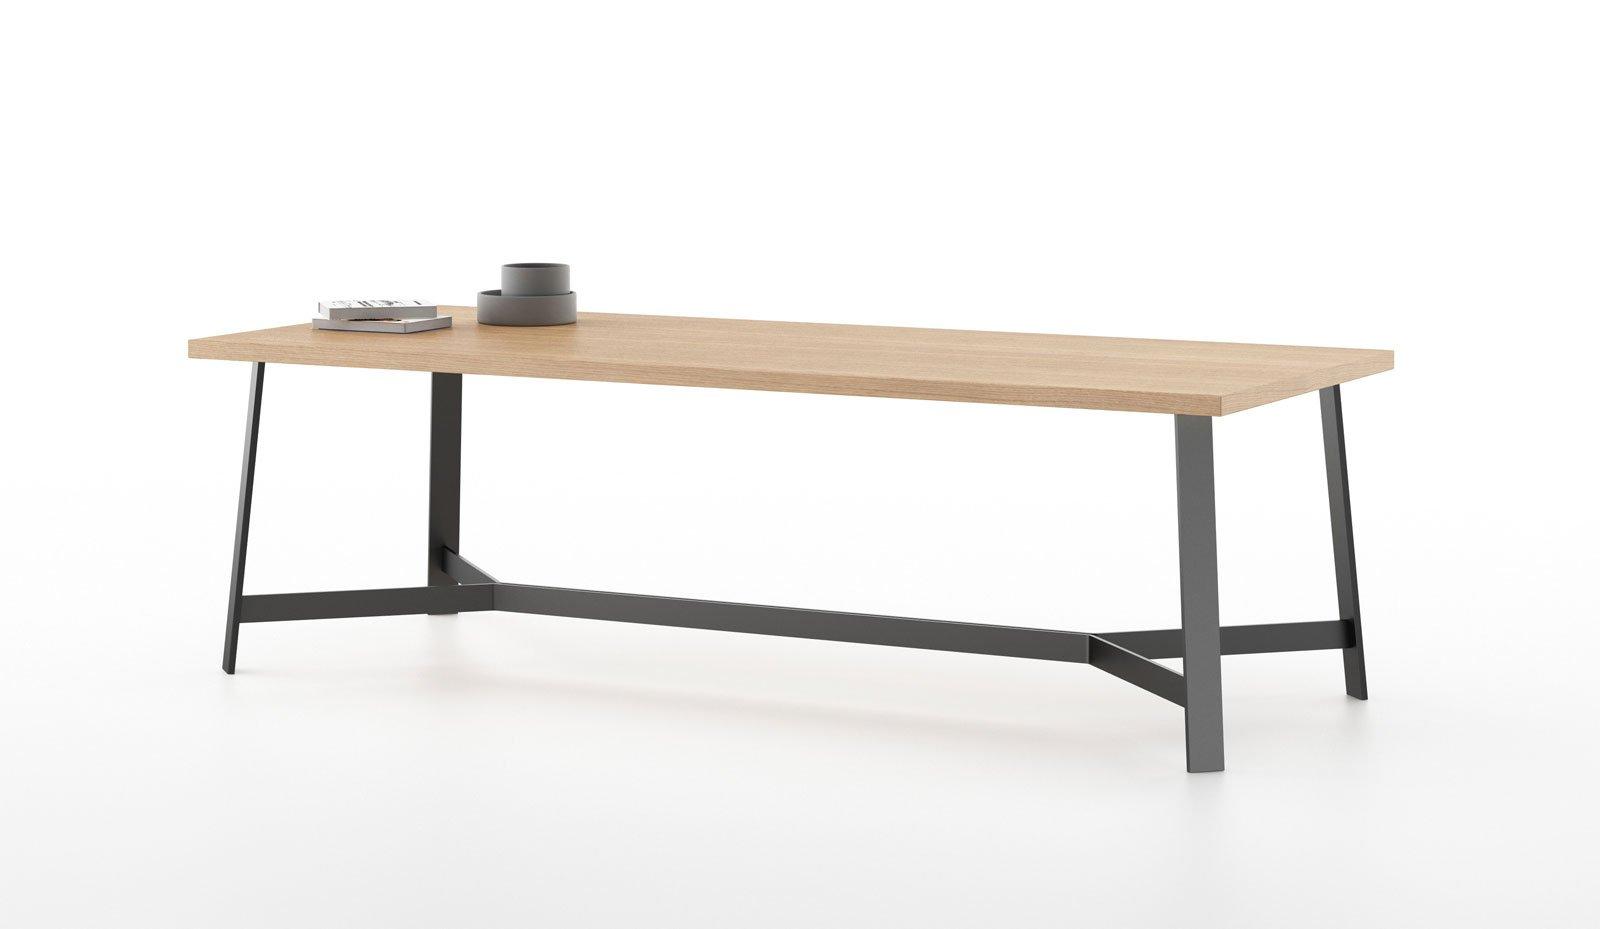 tavolo da giardino usato bergamo: soggiorno moderno usato ~ il ... - Rivestimenti Per Tavoli Da Disegno